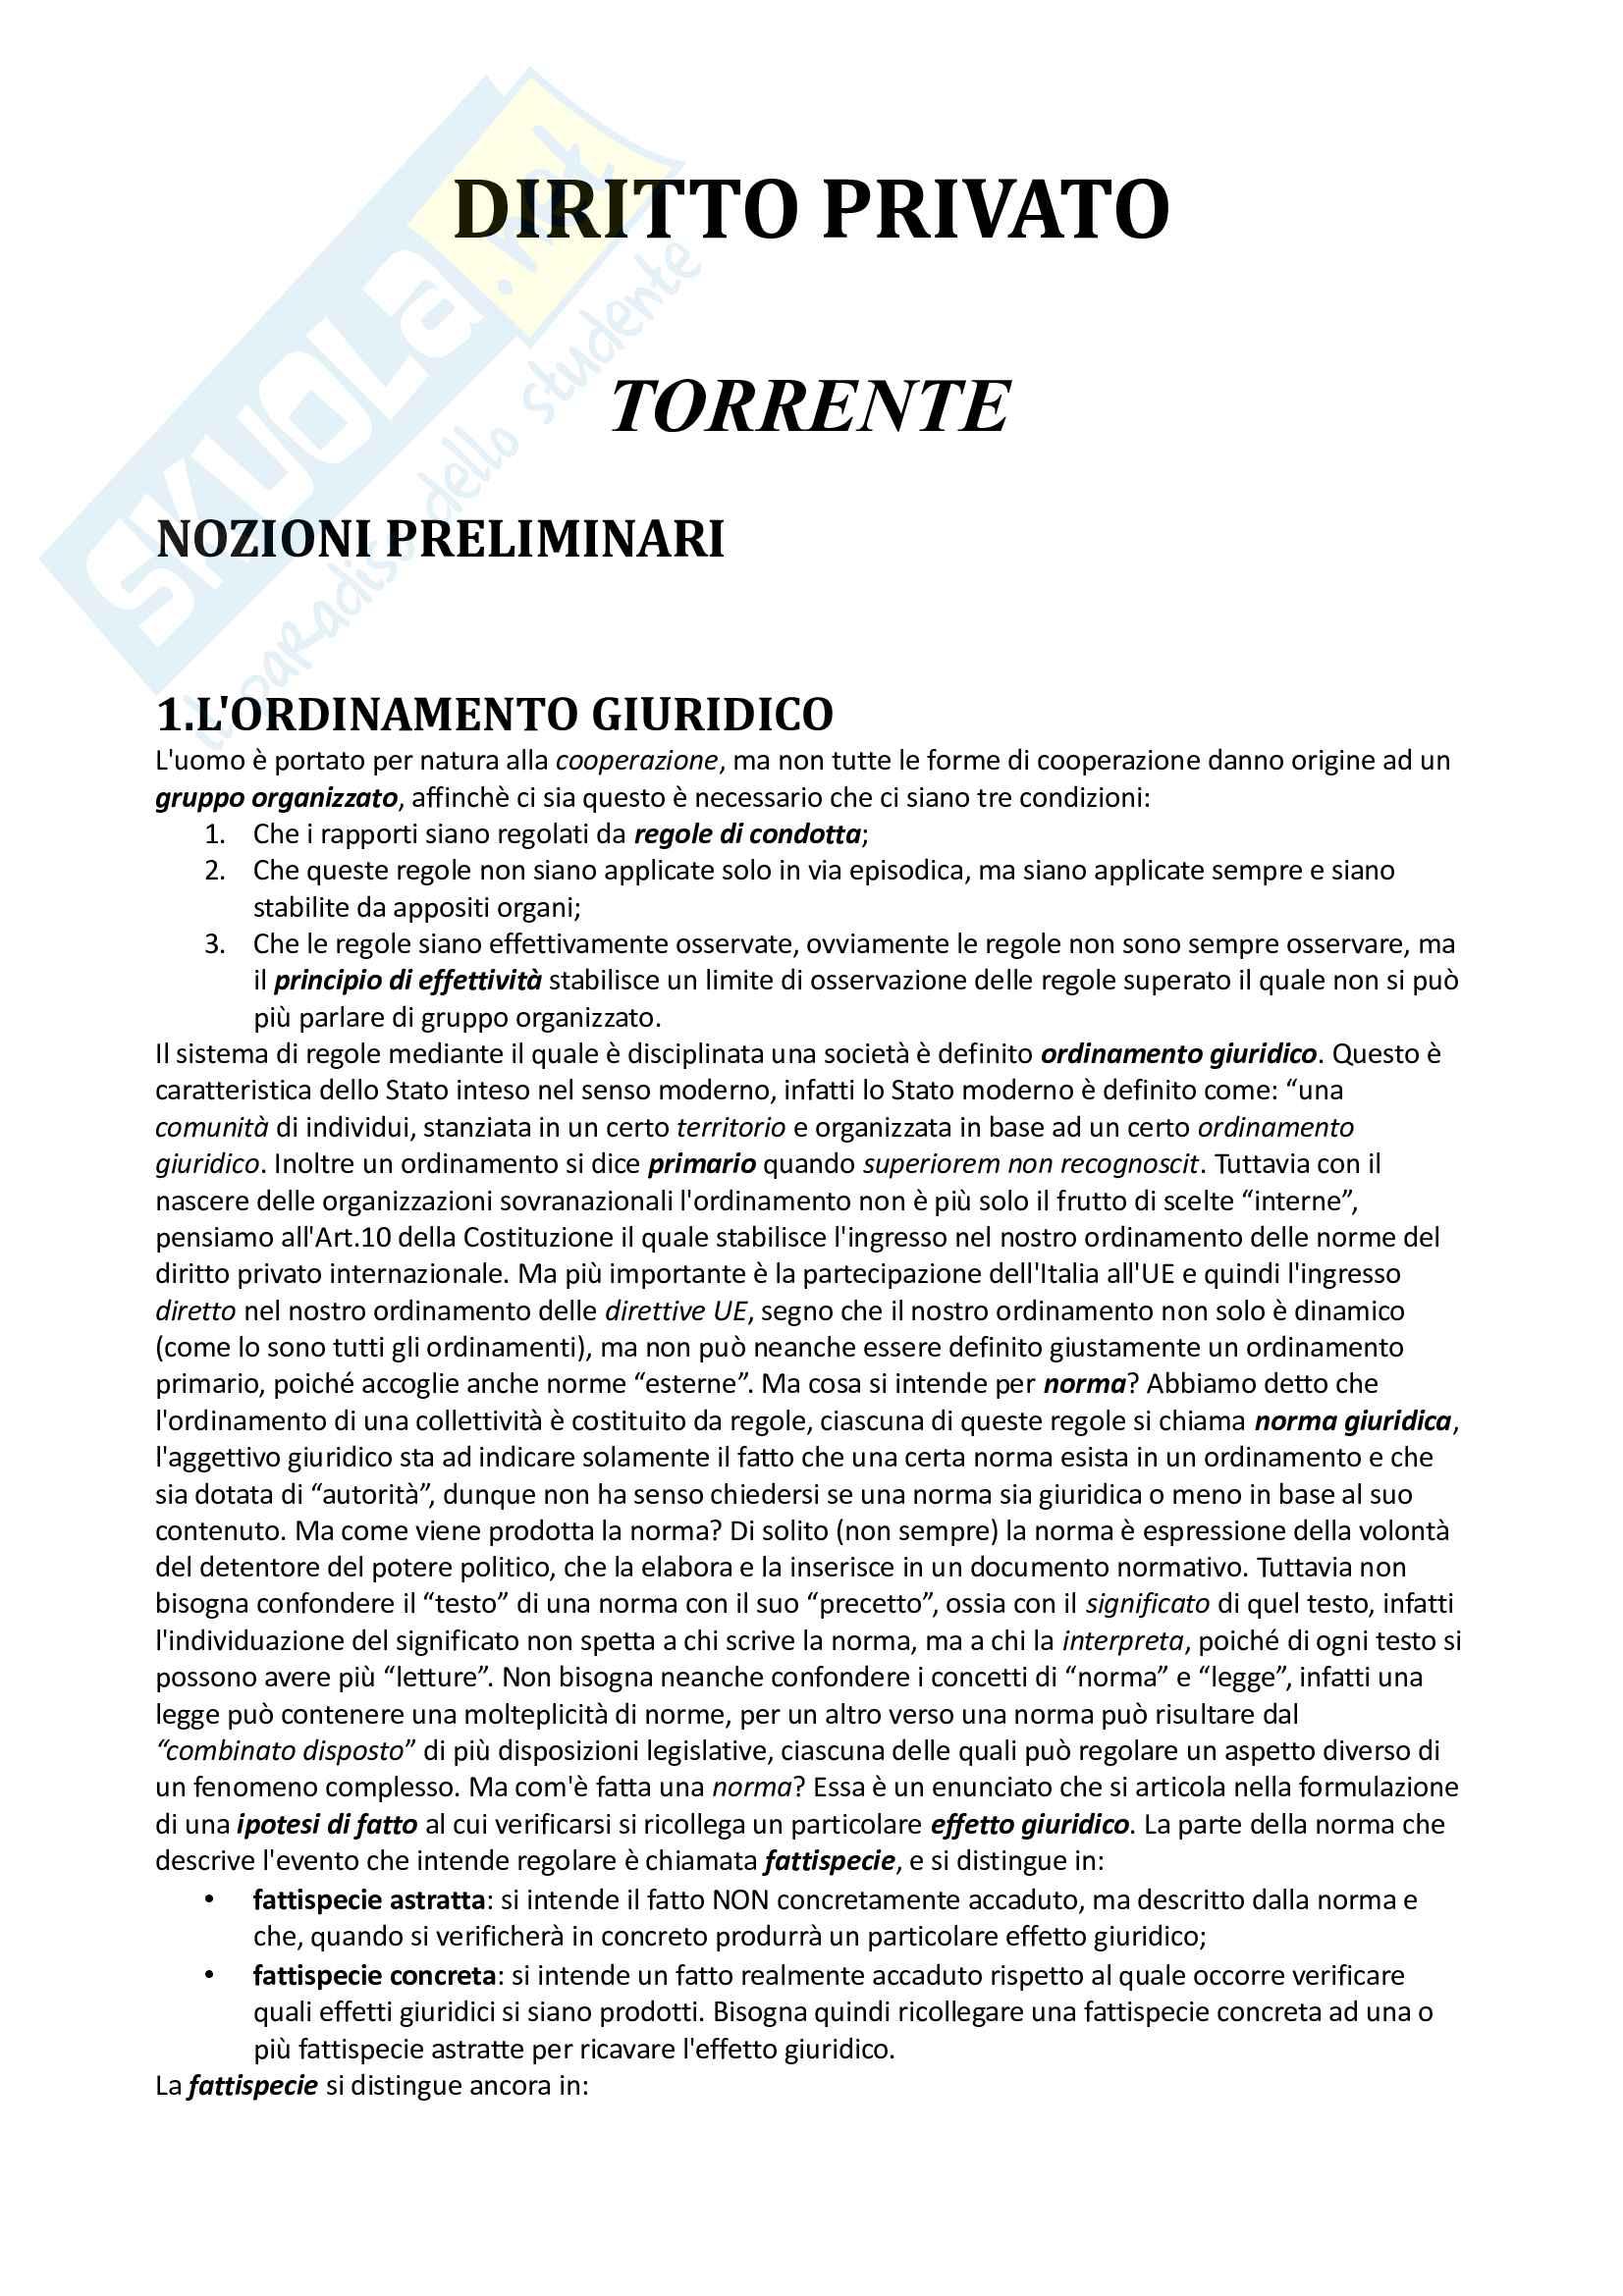 Riassunto esame Diritto Privato, prof. Lobuono, libro consigliato Diritto privato, Torrente, Schlesinger